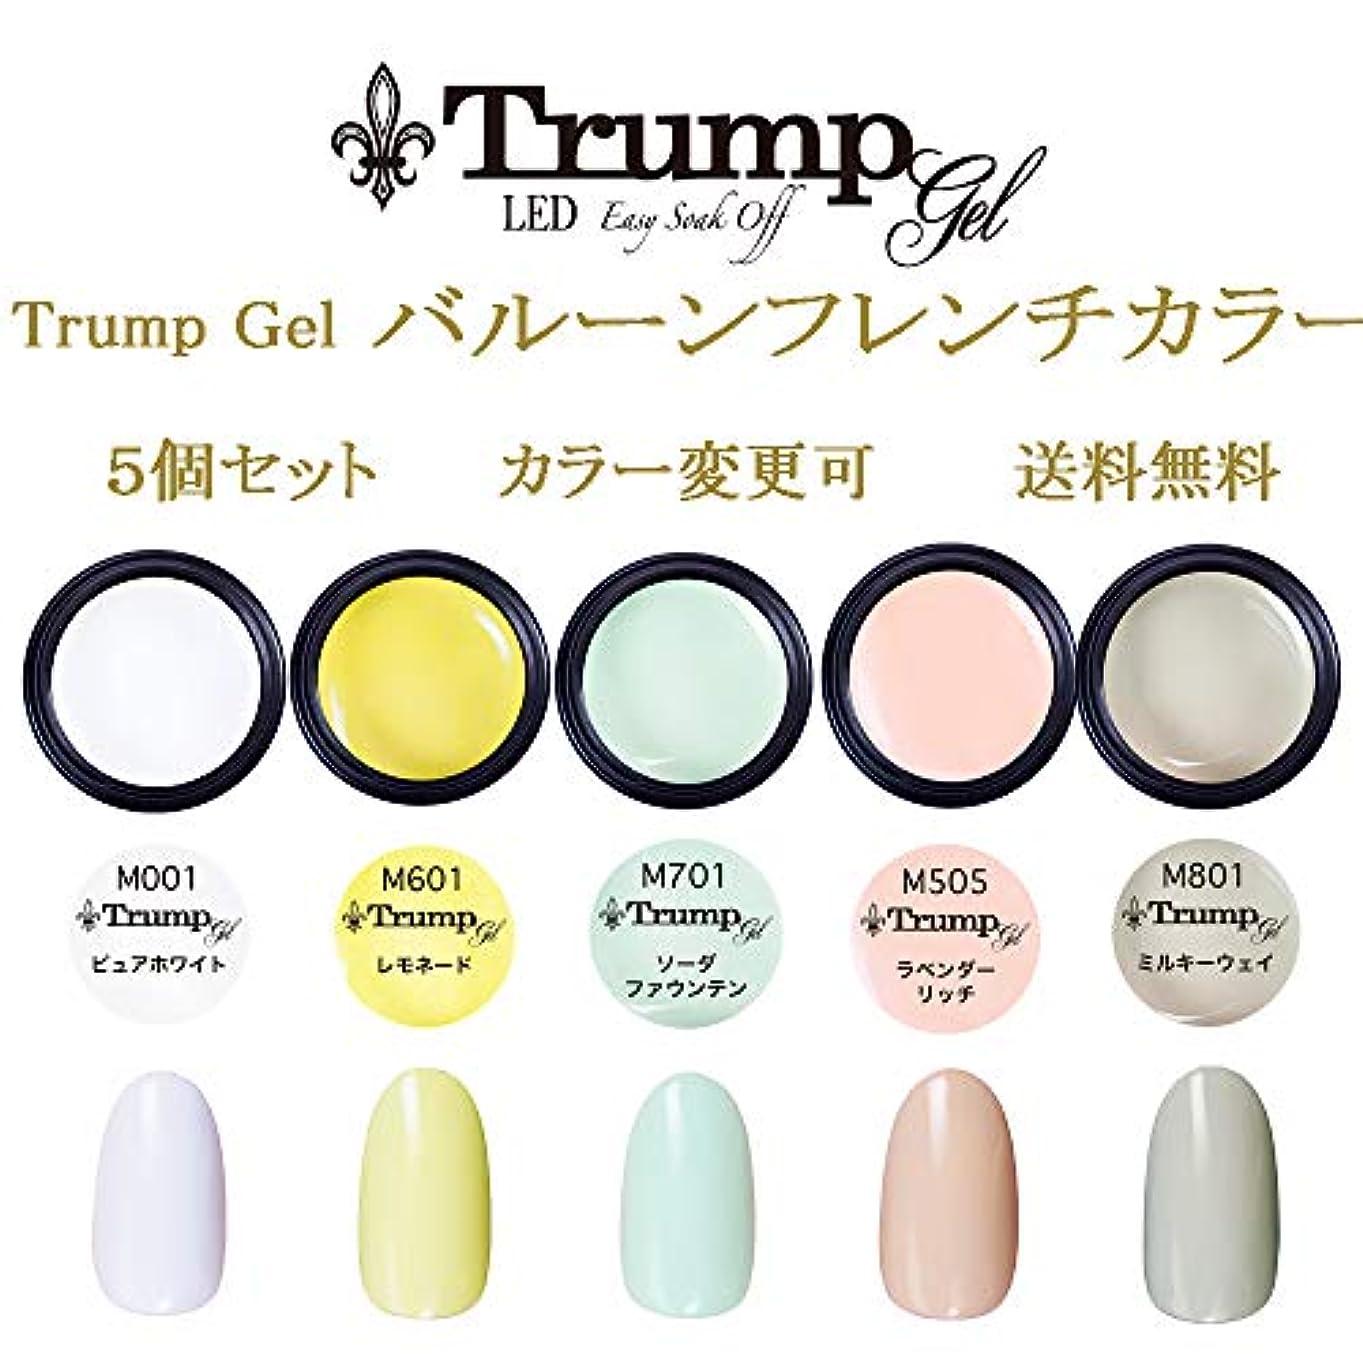 カカドゥ区別する一握り【送料無料】Trumpバルーンフレンチカラー 選べるカラージェル5個セット